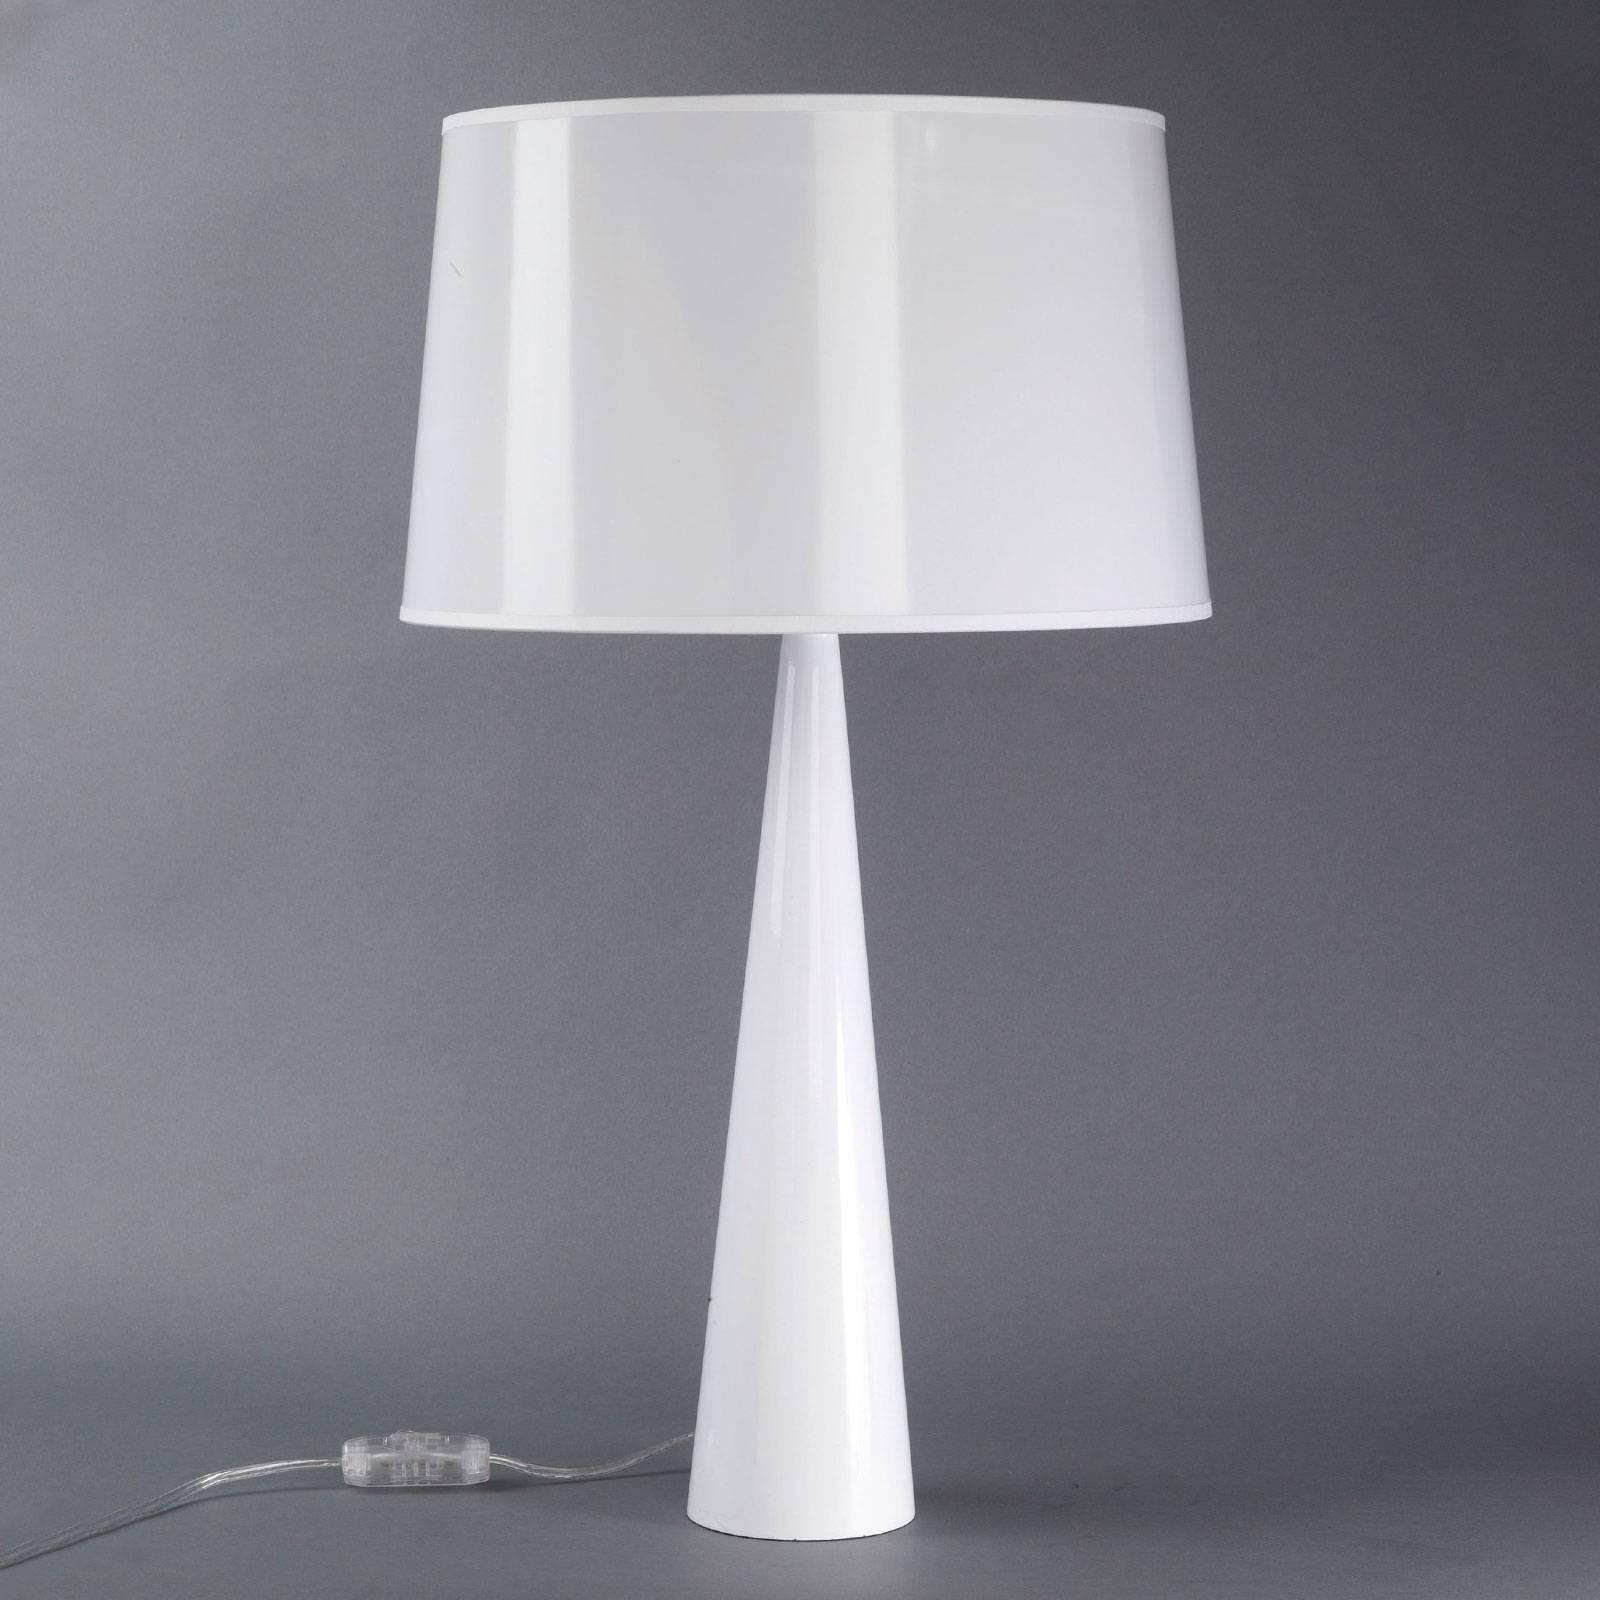 Lampe à poser Totem LT, pied métal, blanc brillant